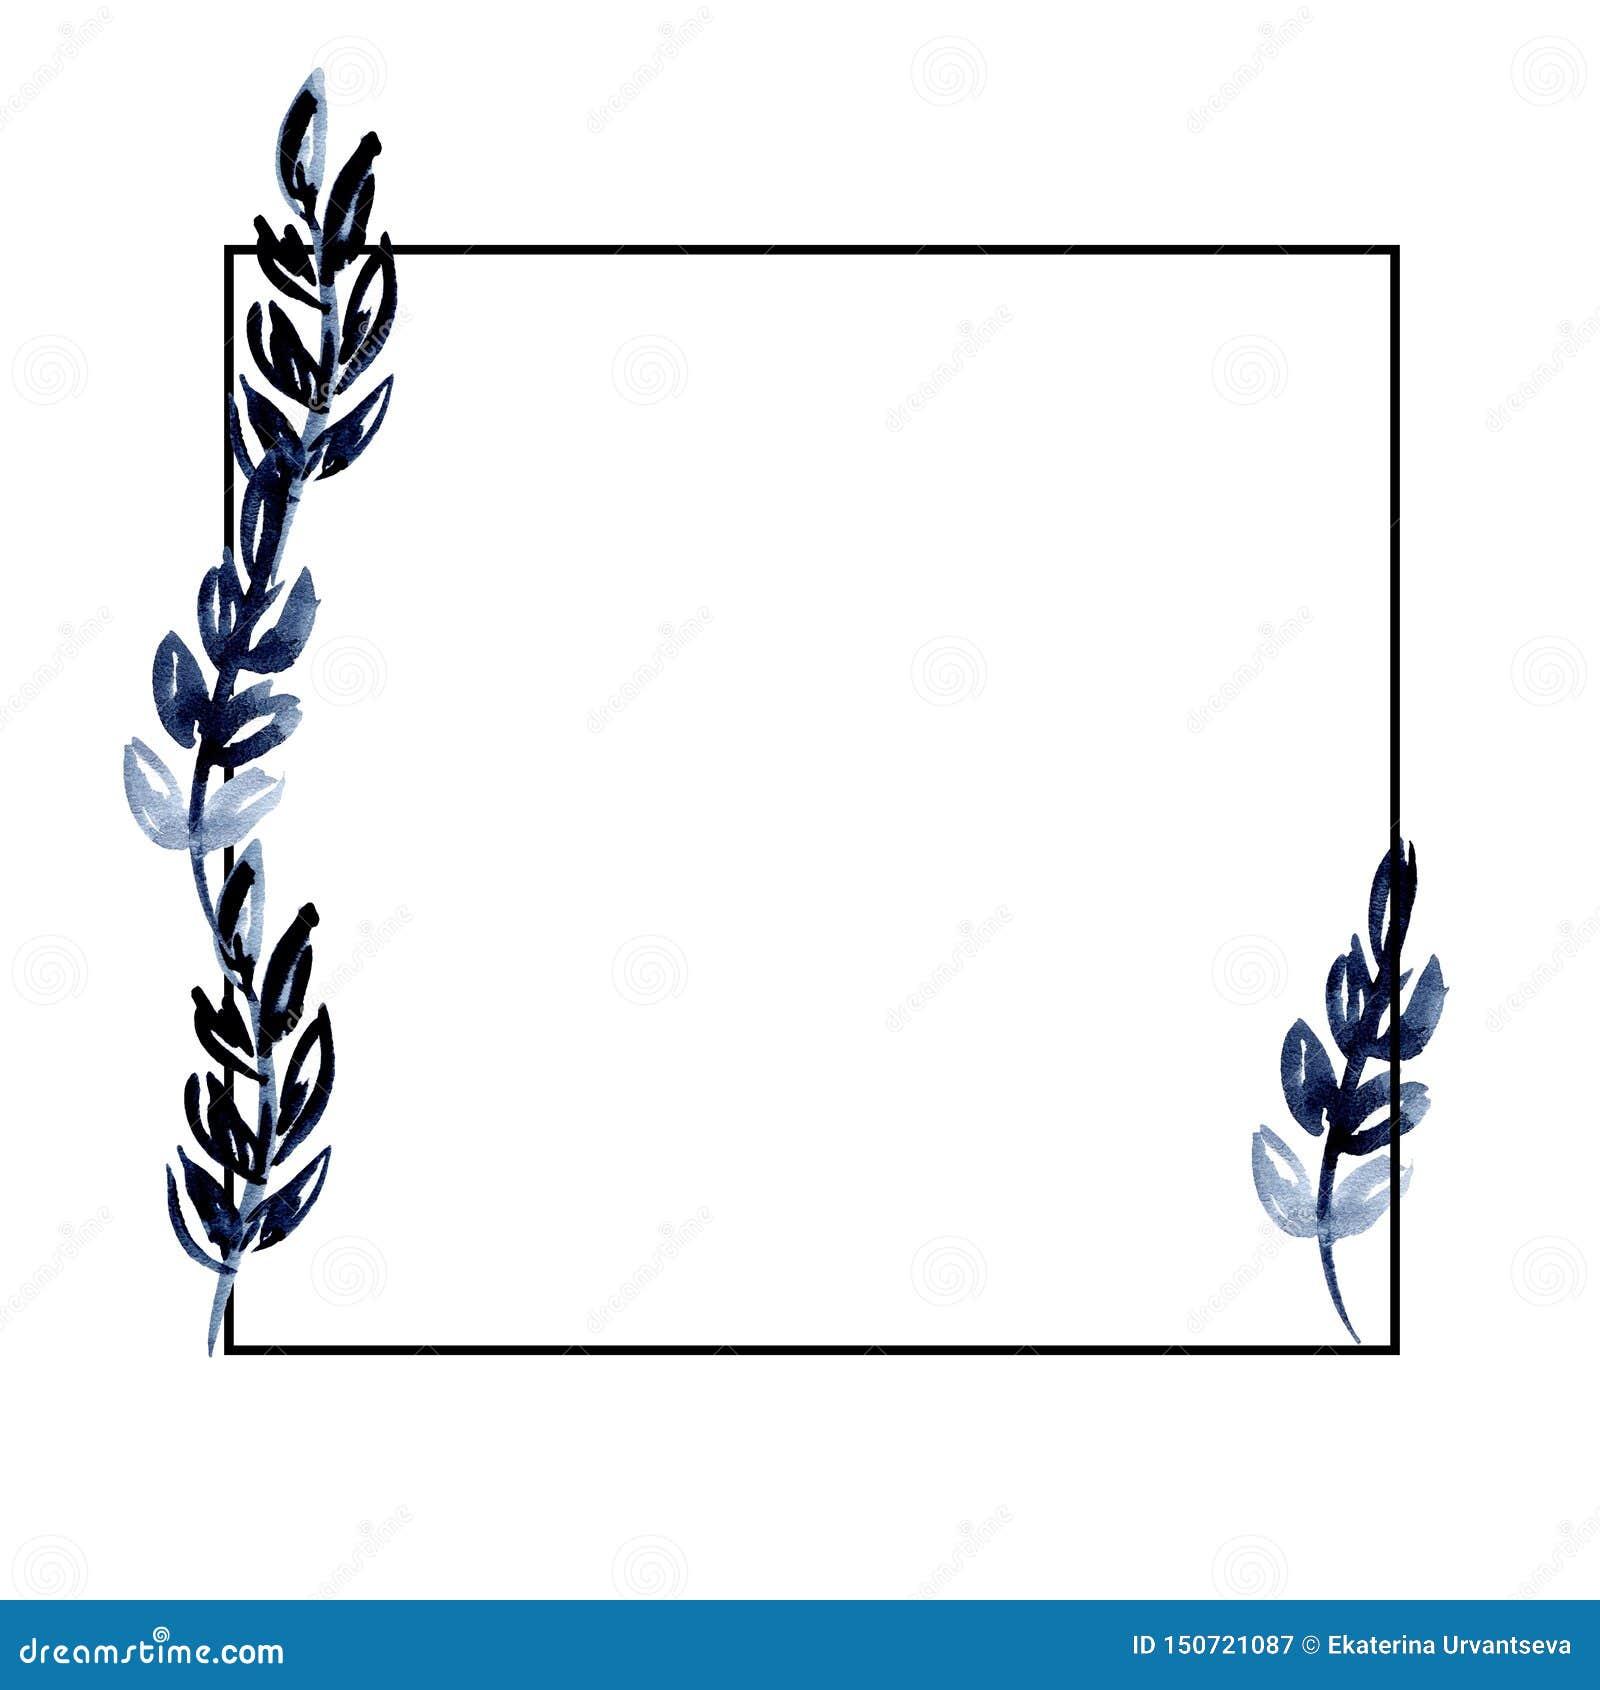 Рамка иллюстрации акварели черная квадратная с листьями индиго для дизайна, свадьба приглашения, поздравительные открытки